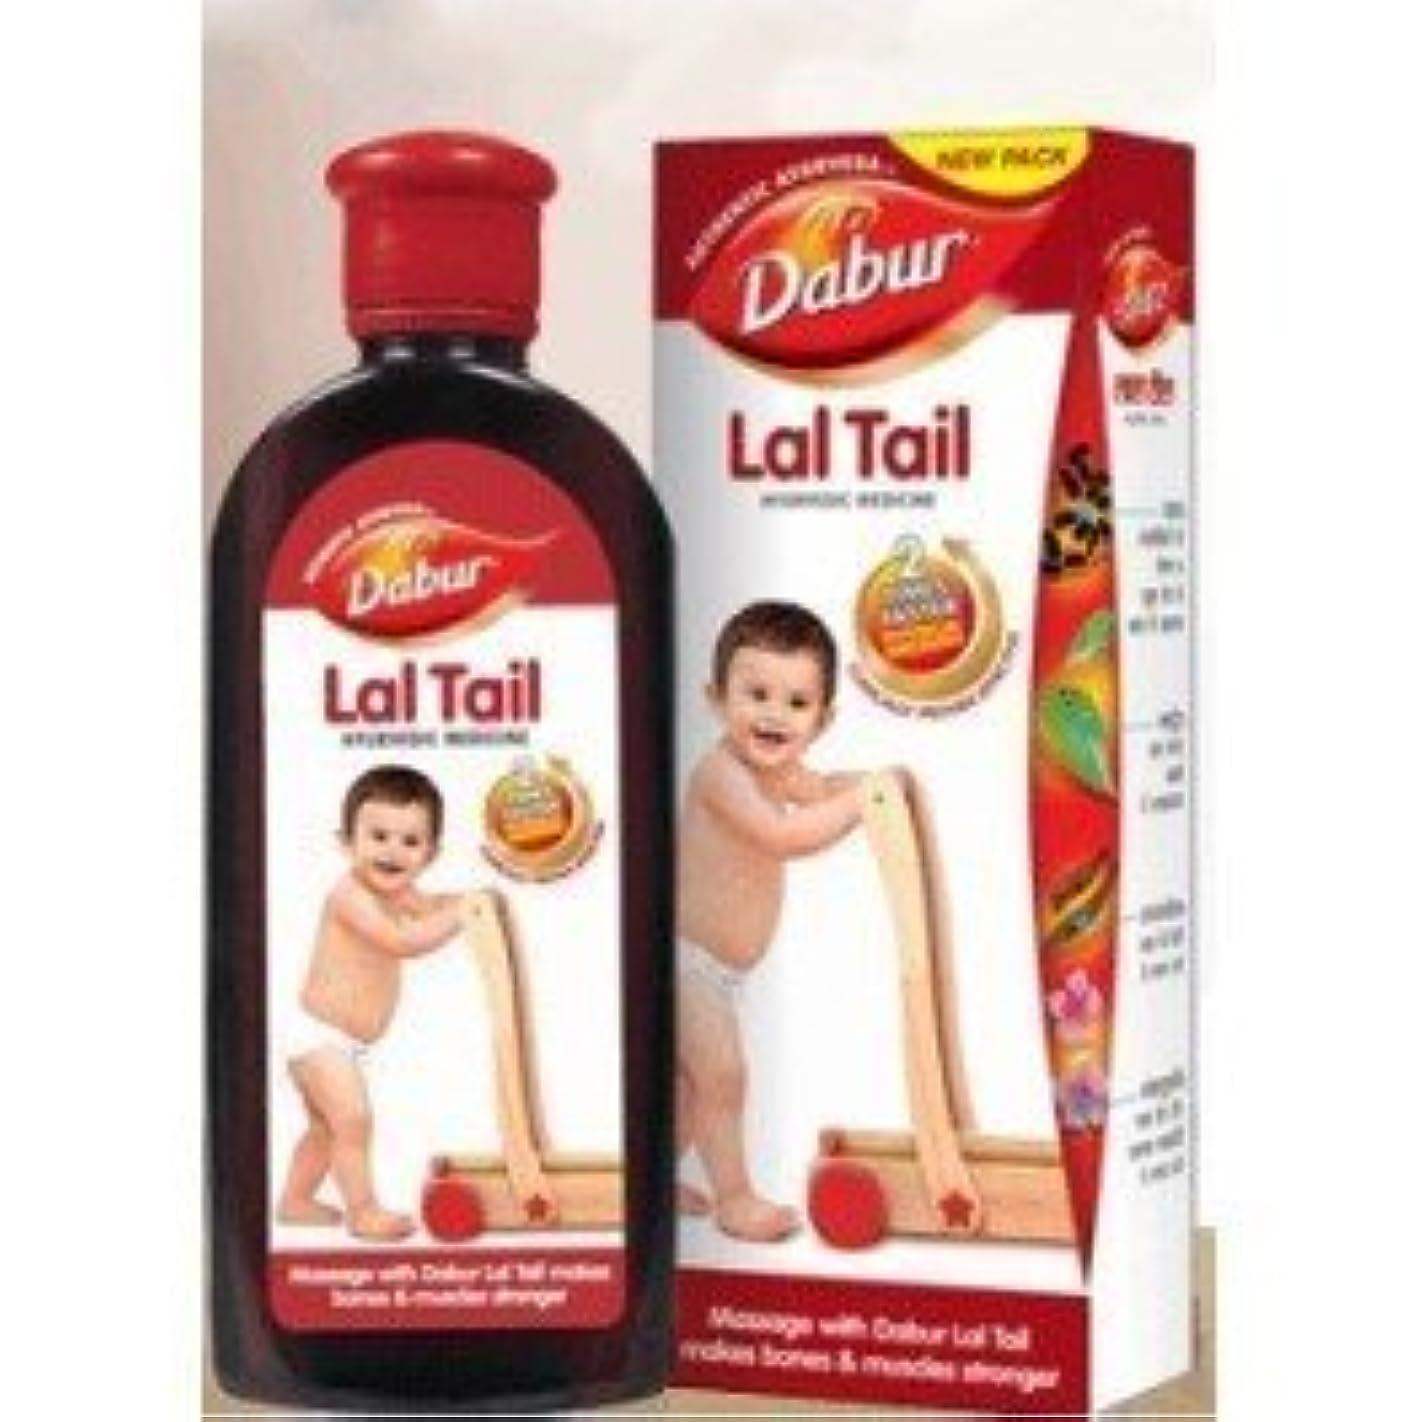 力区画物語Baby / Child Natural Strengthening Herbal Ayurvedic Baby Massage Oil Dabur Lal Tail 100ml Large Size Infant by...